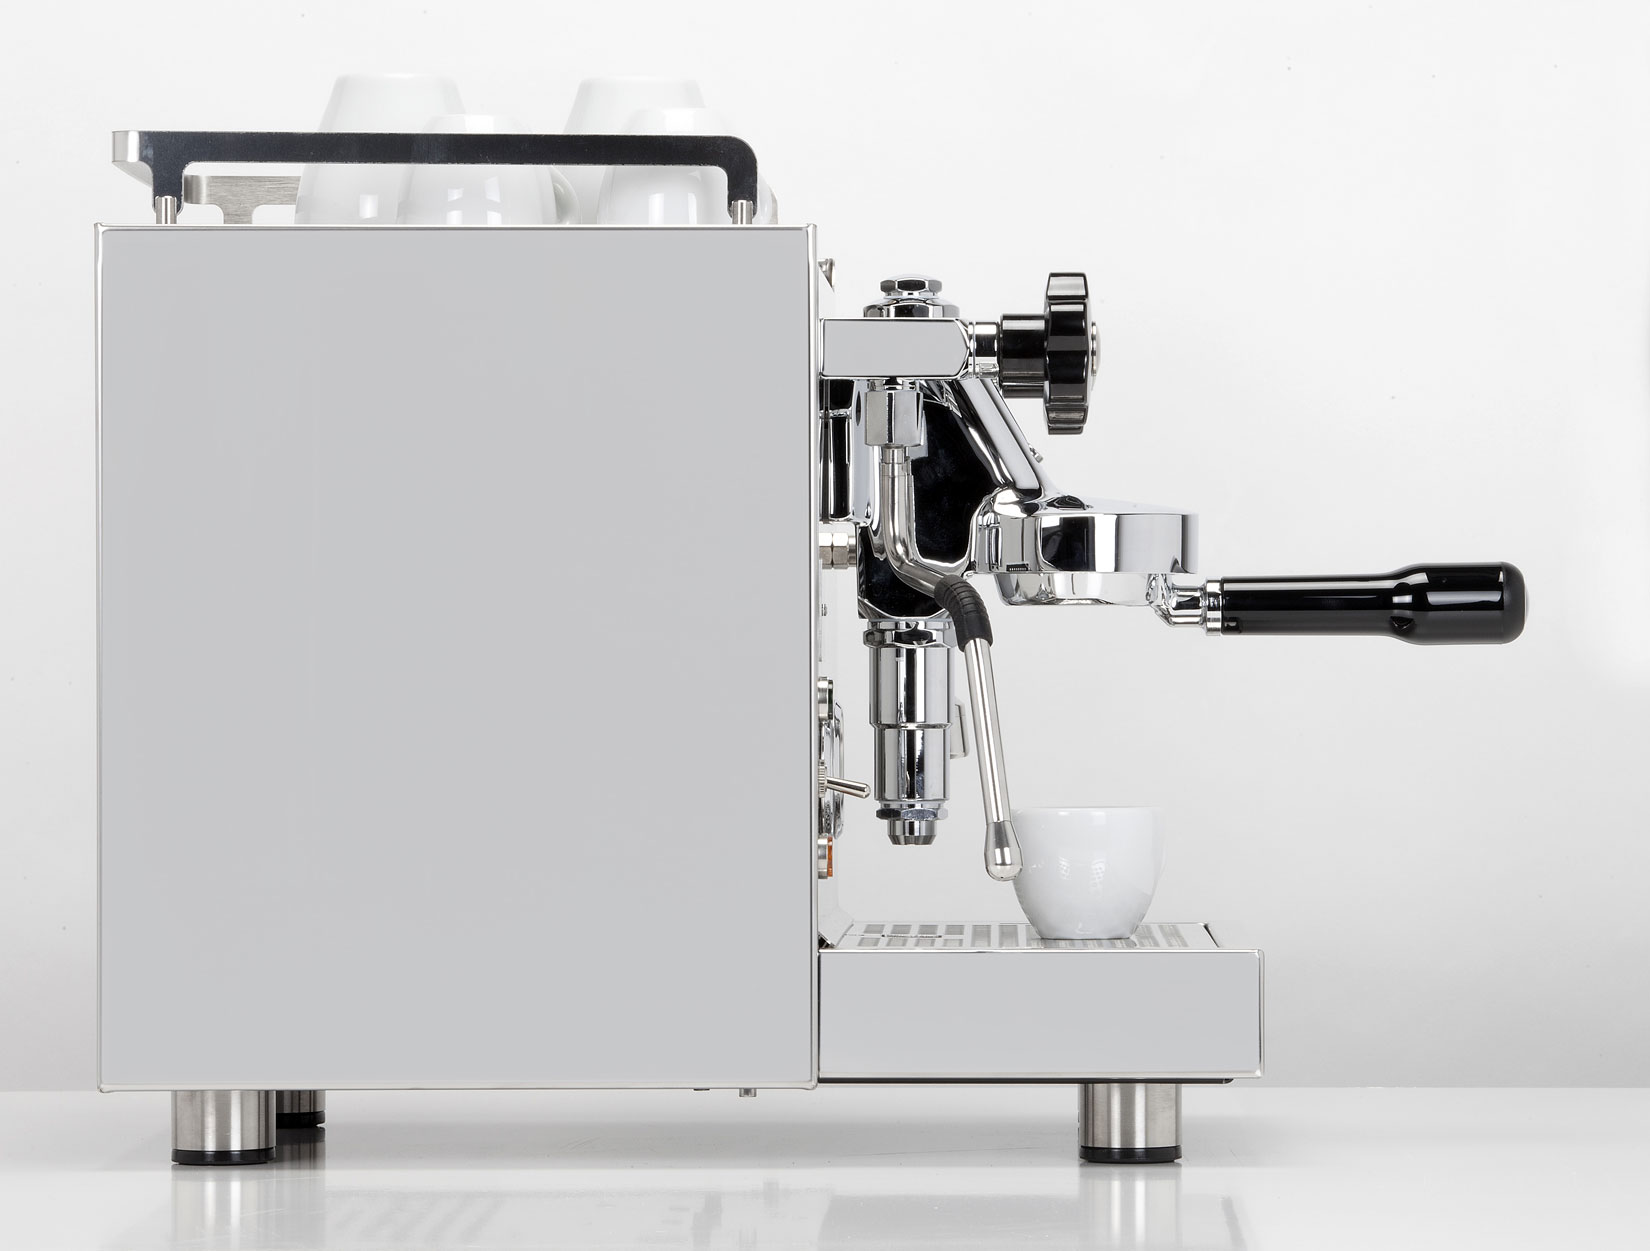 profitec pro 500 espresso machine